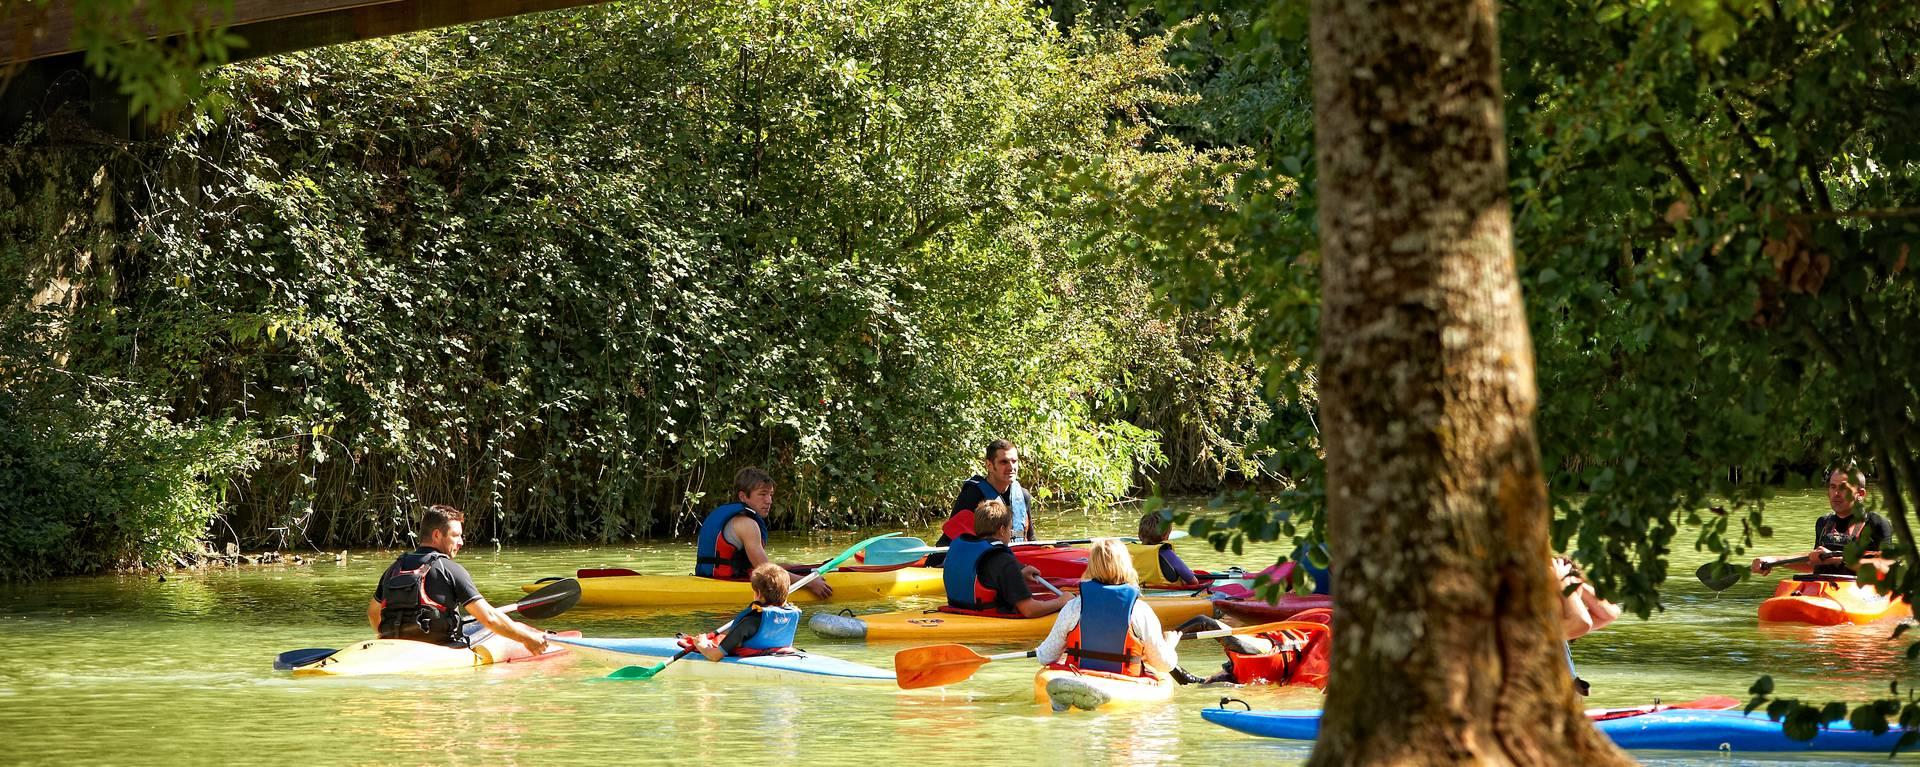 Découverte sportive de la nature sauvage depuis la rivière – La Baïse